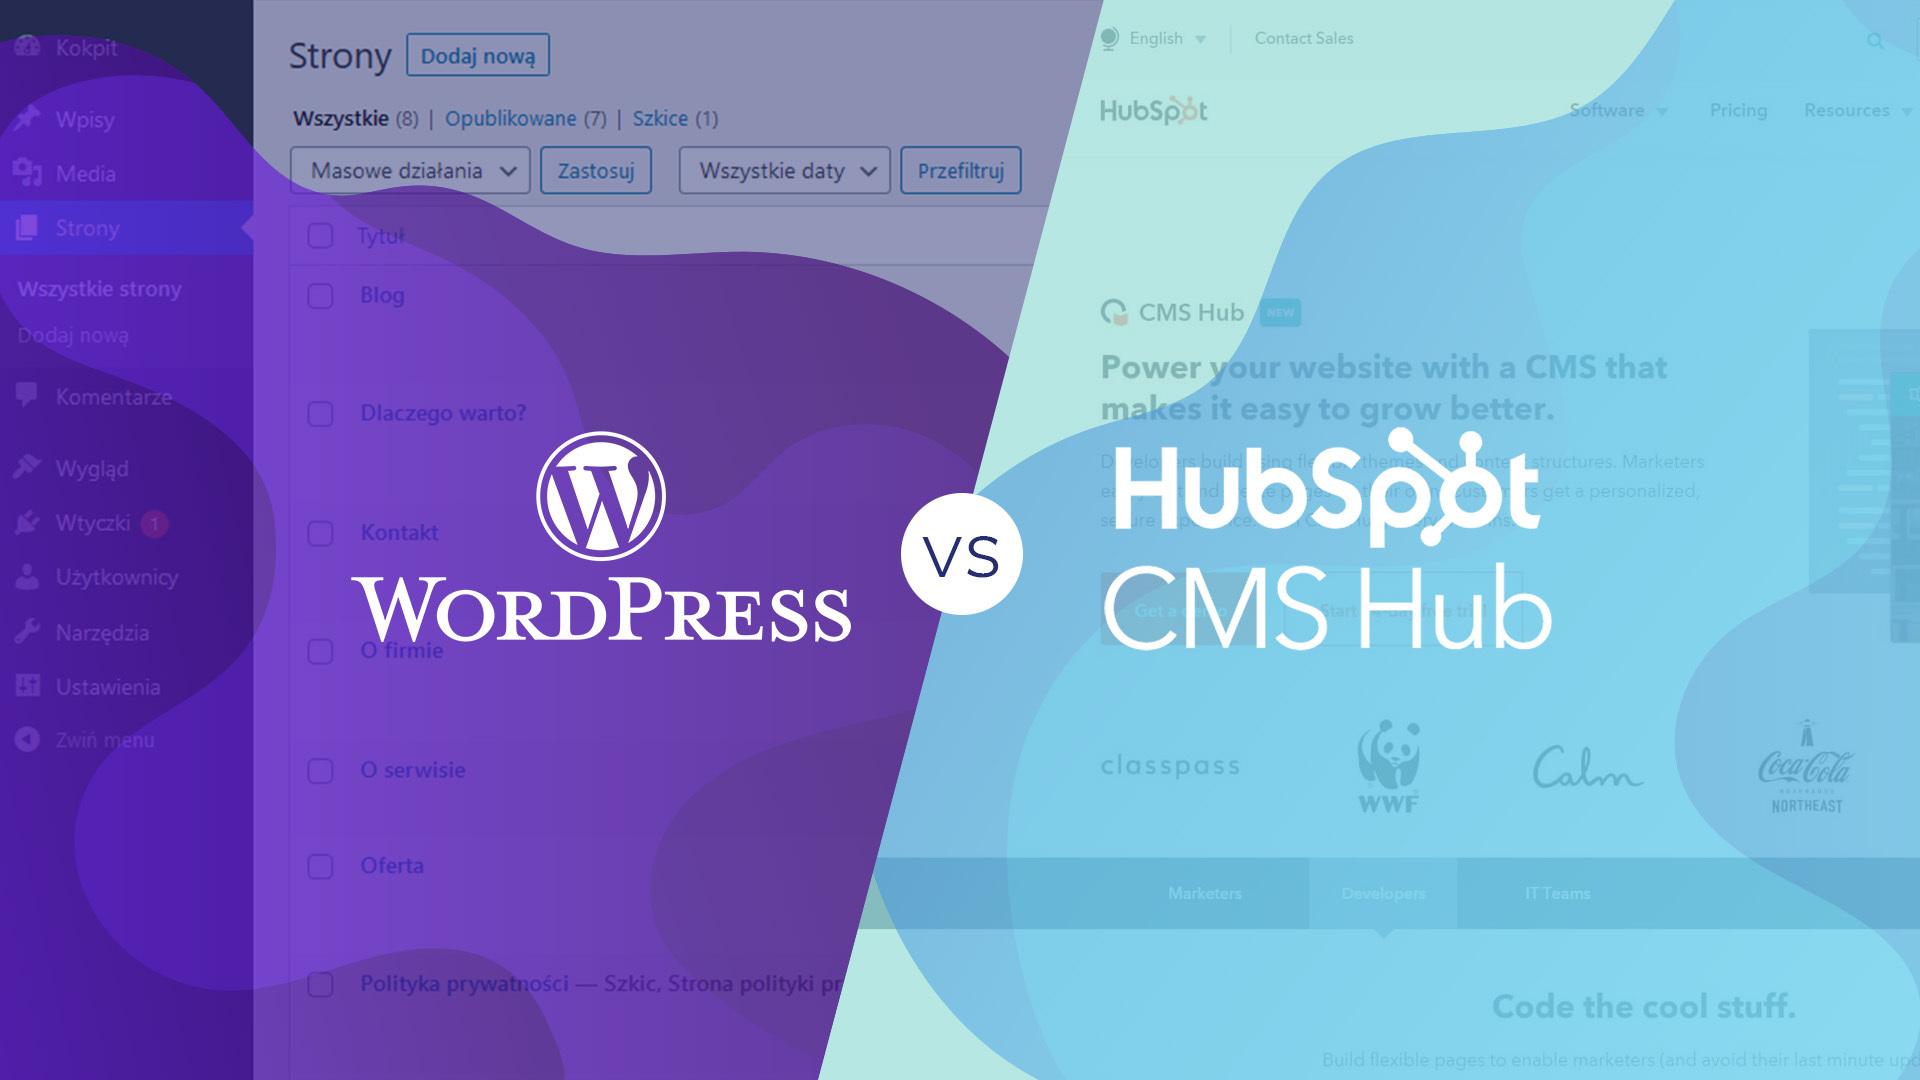 HubSpot CMS vs WordPress